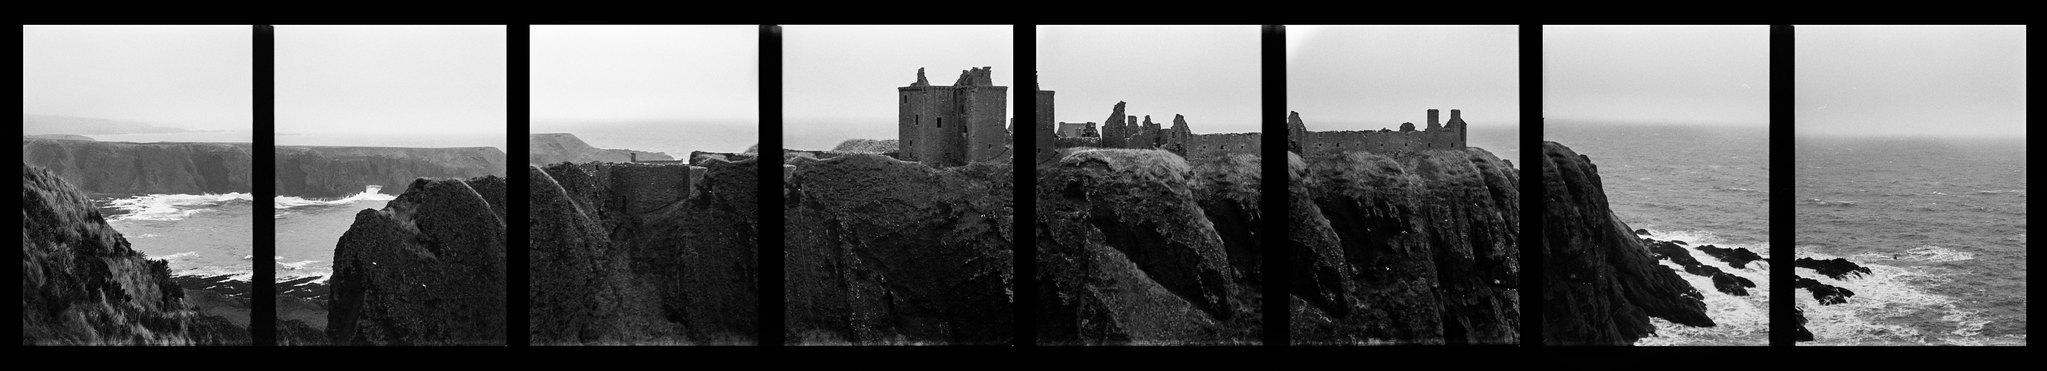 Dunottar Half Frame Panorama 2 of 2